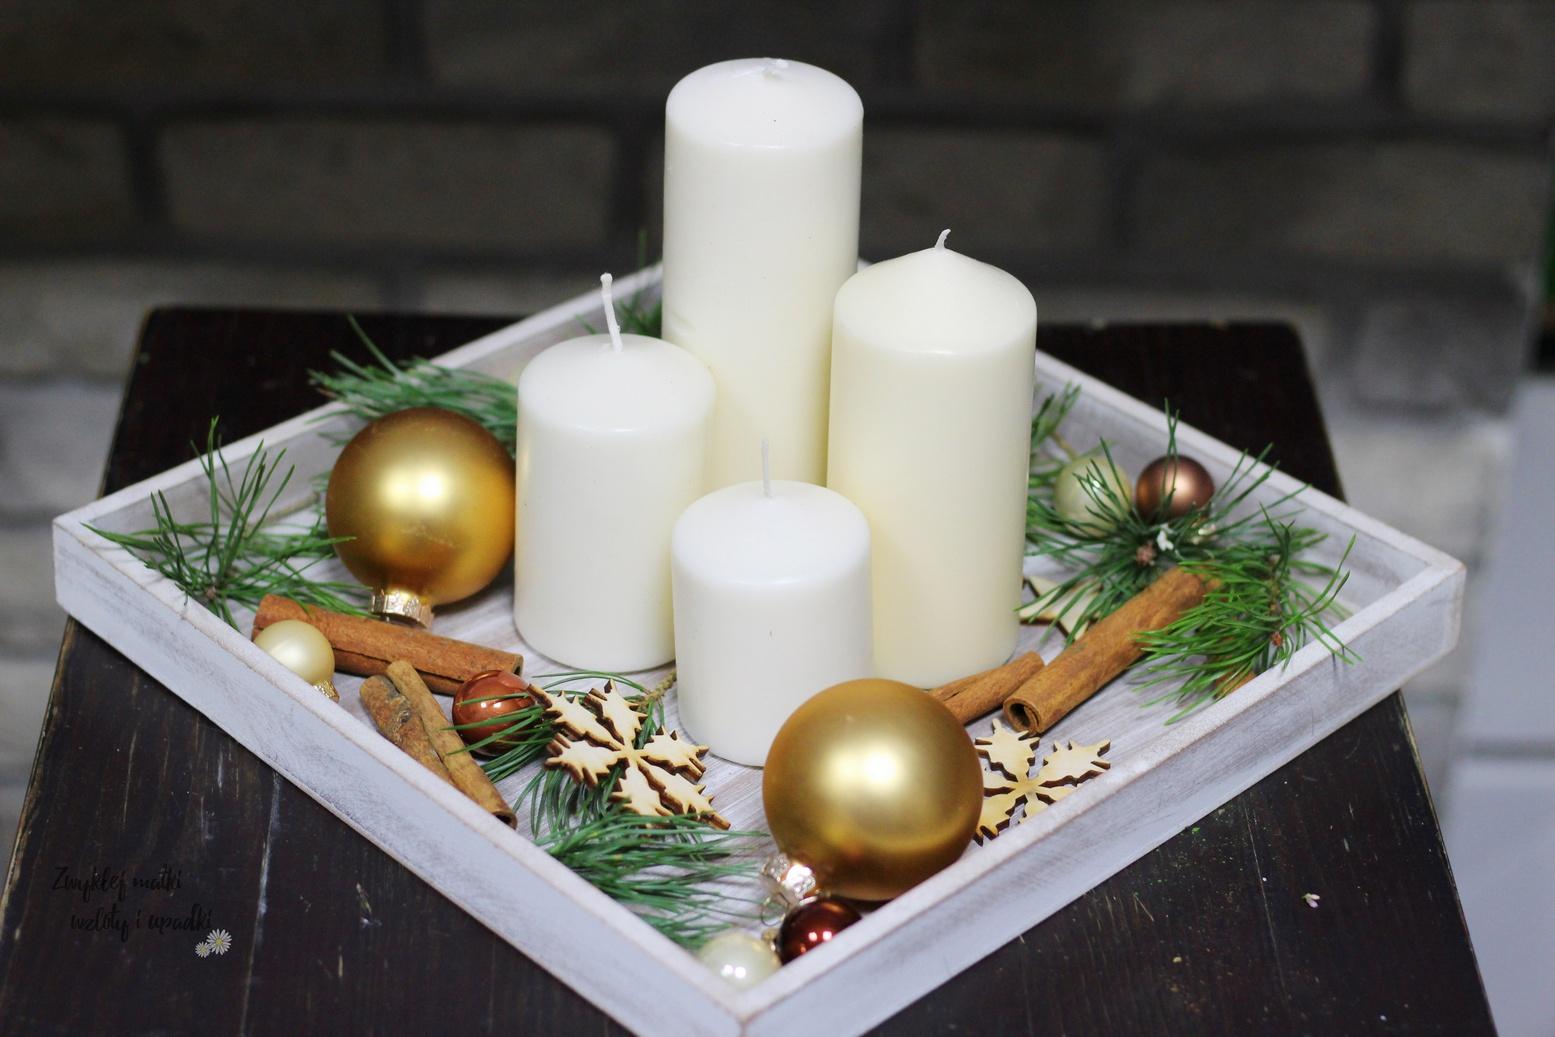 Proste dekoracje adwentowe, czyli stroik adwentowy